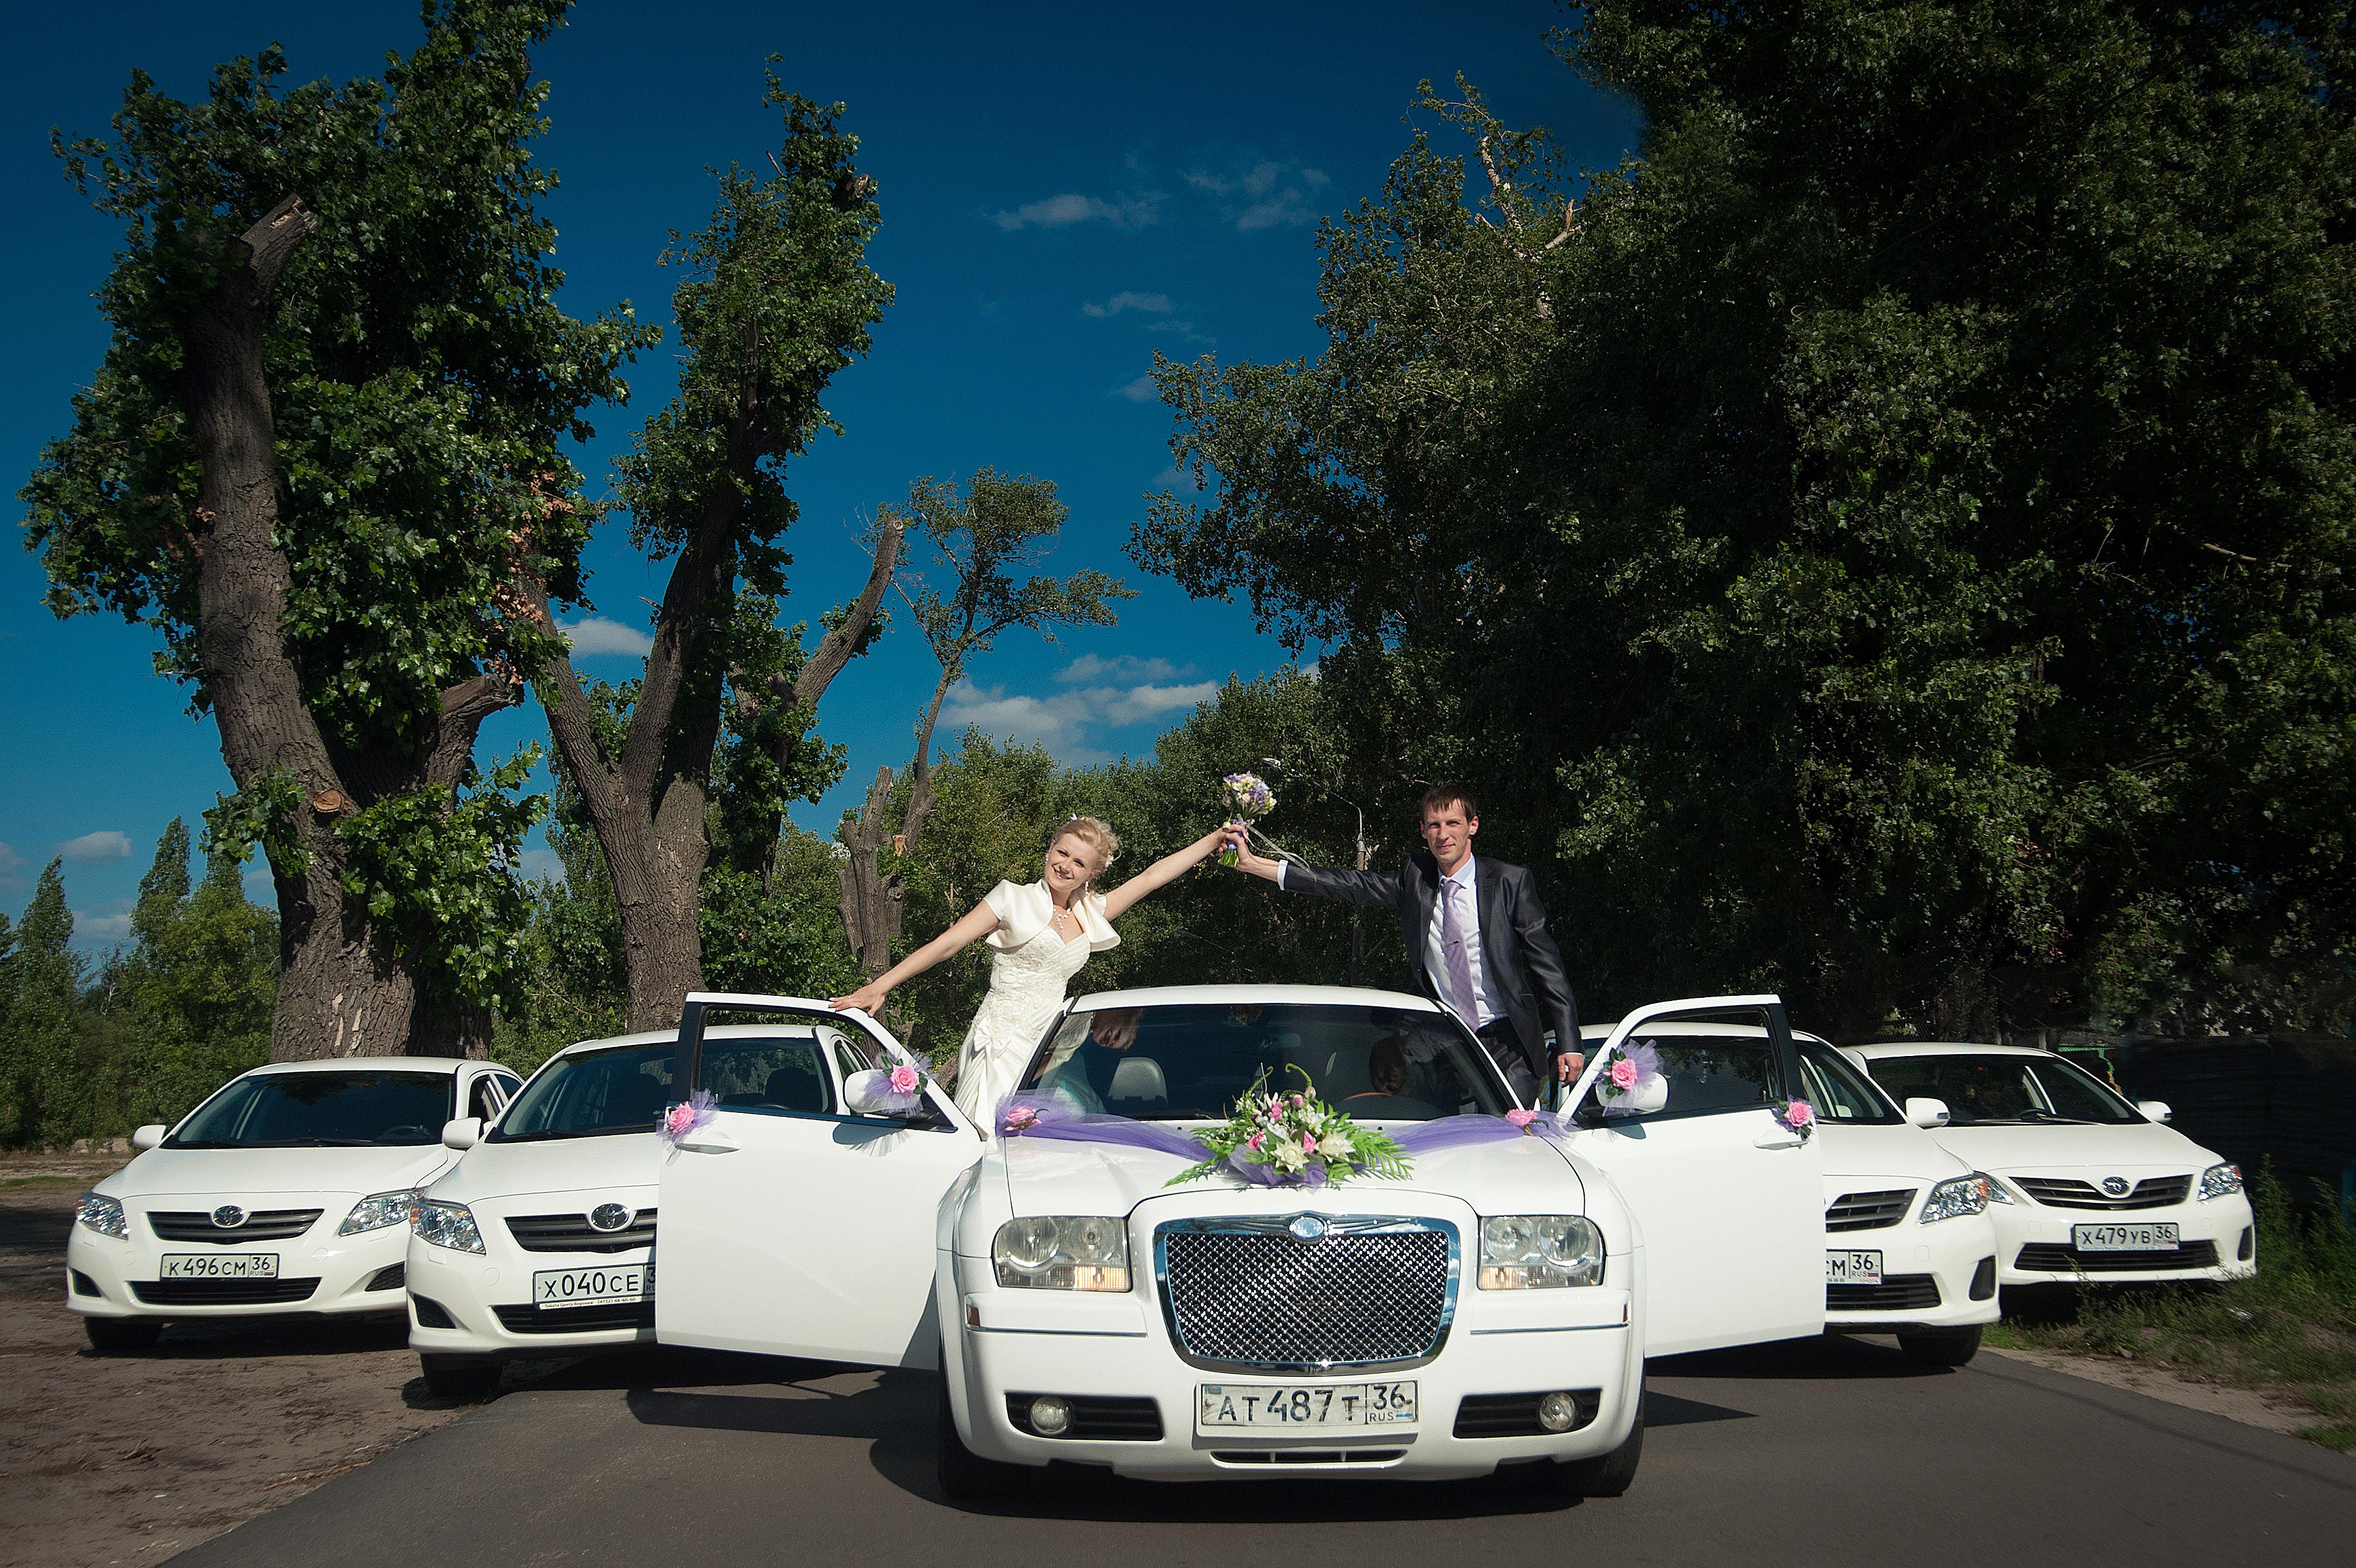 Кортеж машины для свадьбы